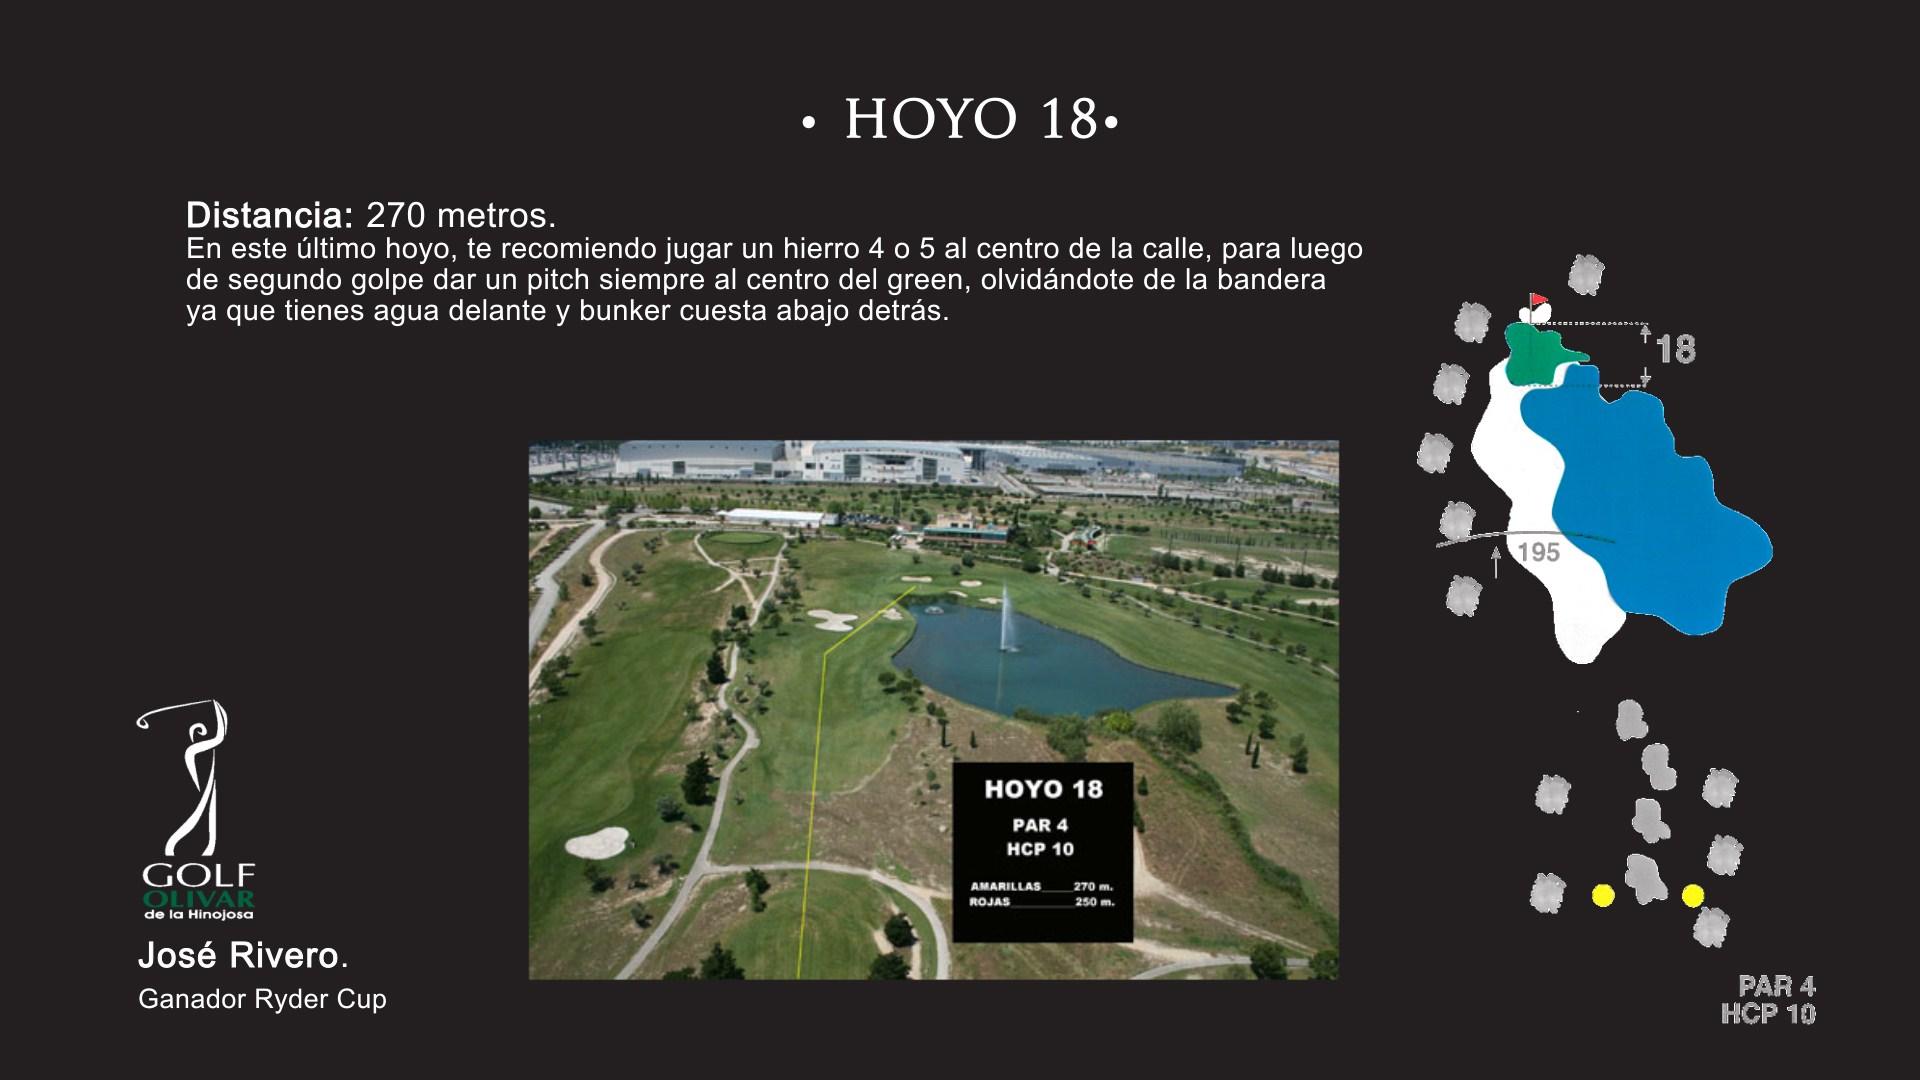 Hoyo 18 Olivar de la Hinojosa